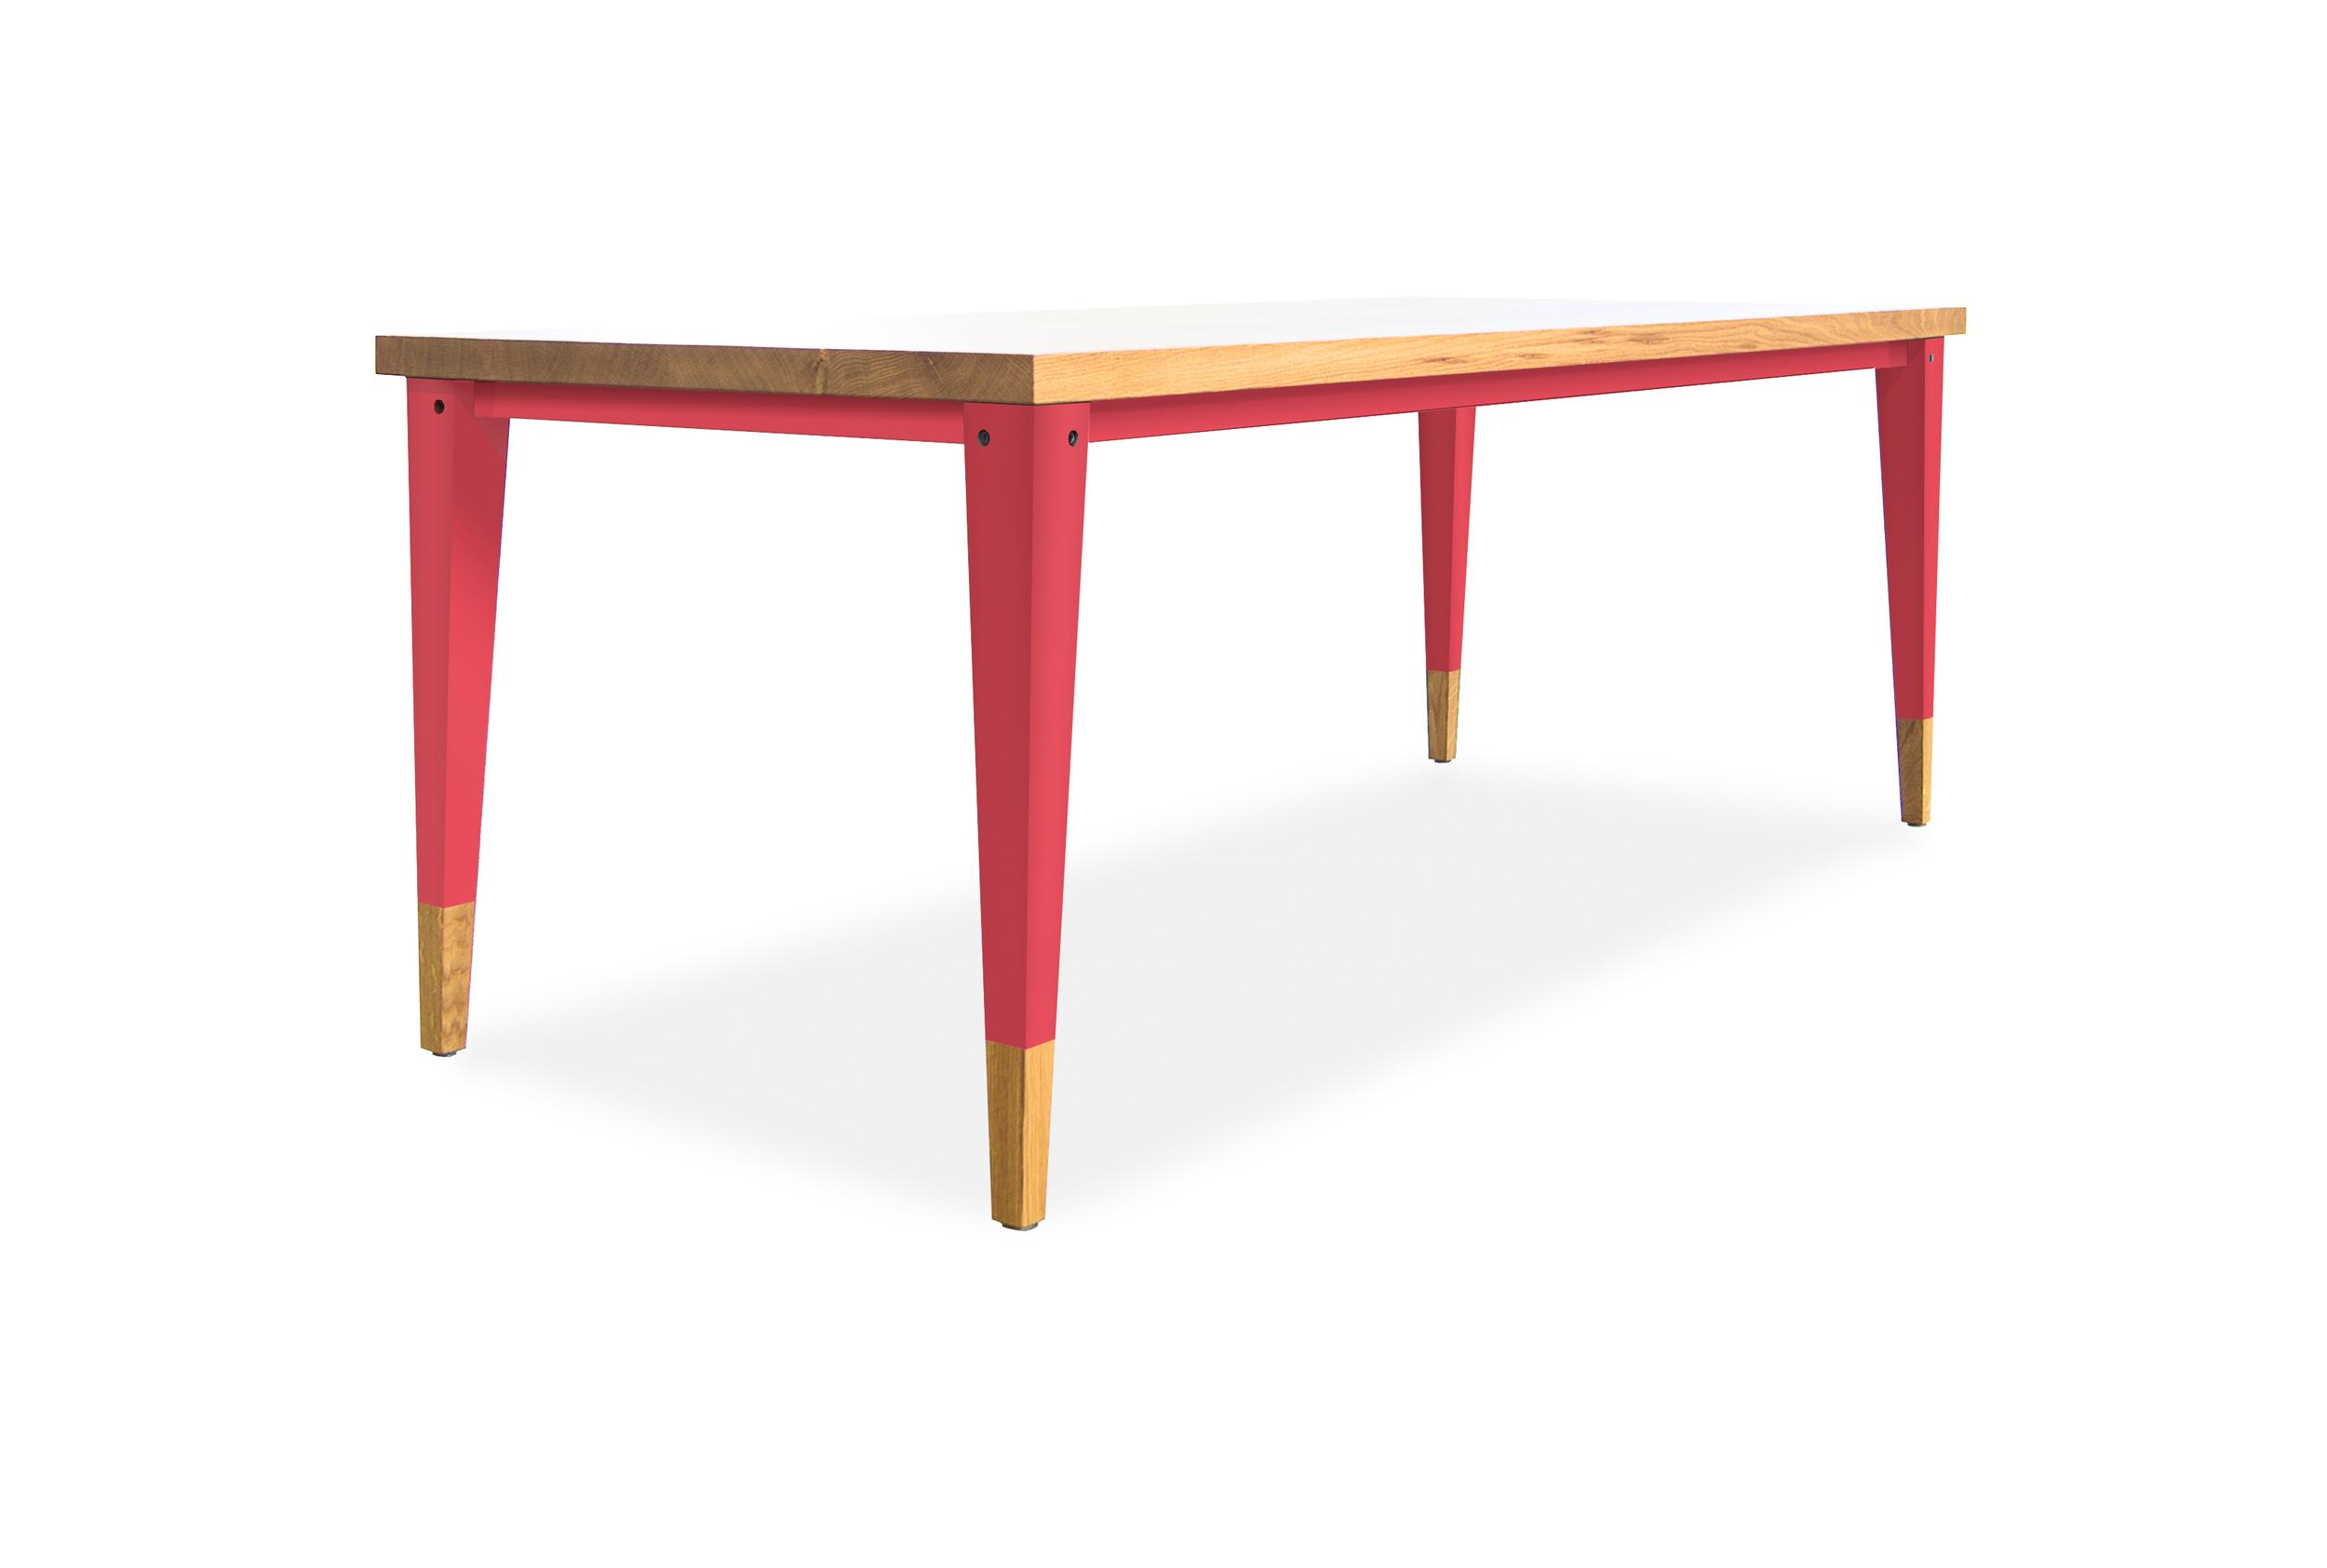 BB Tisch Bein ganz + Zarge 3018.jpg